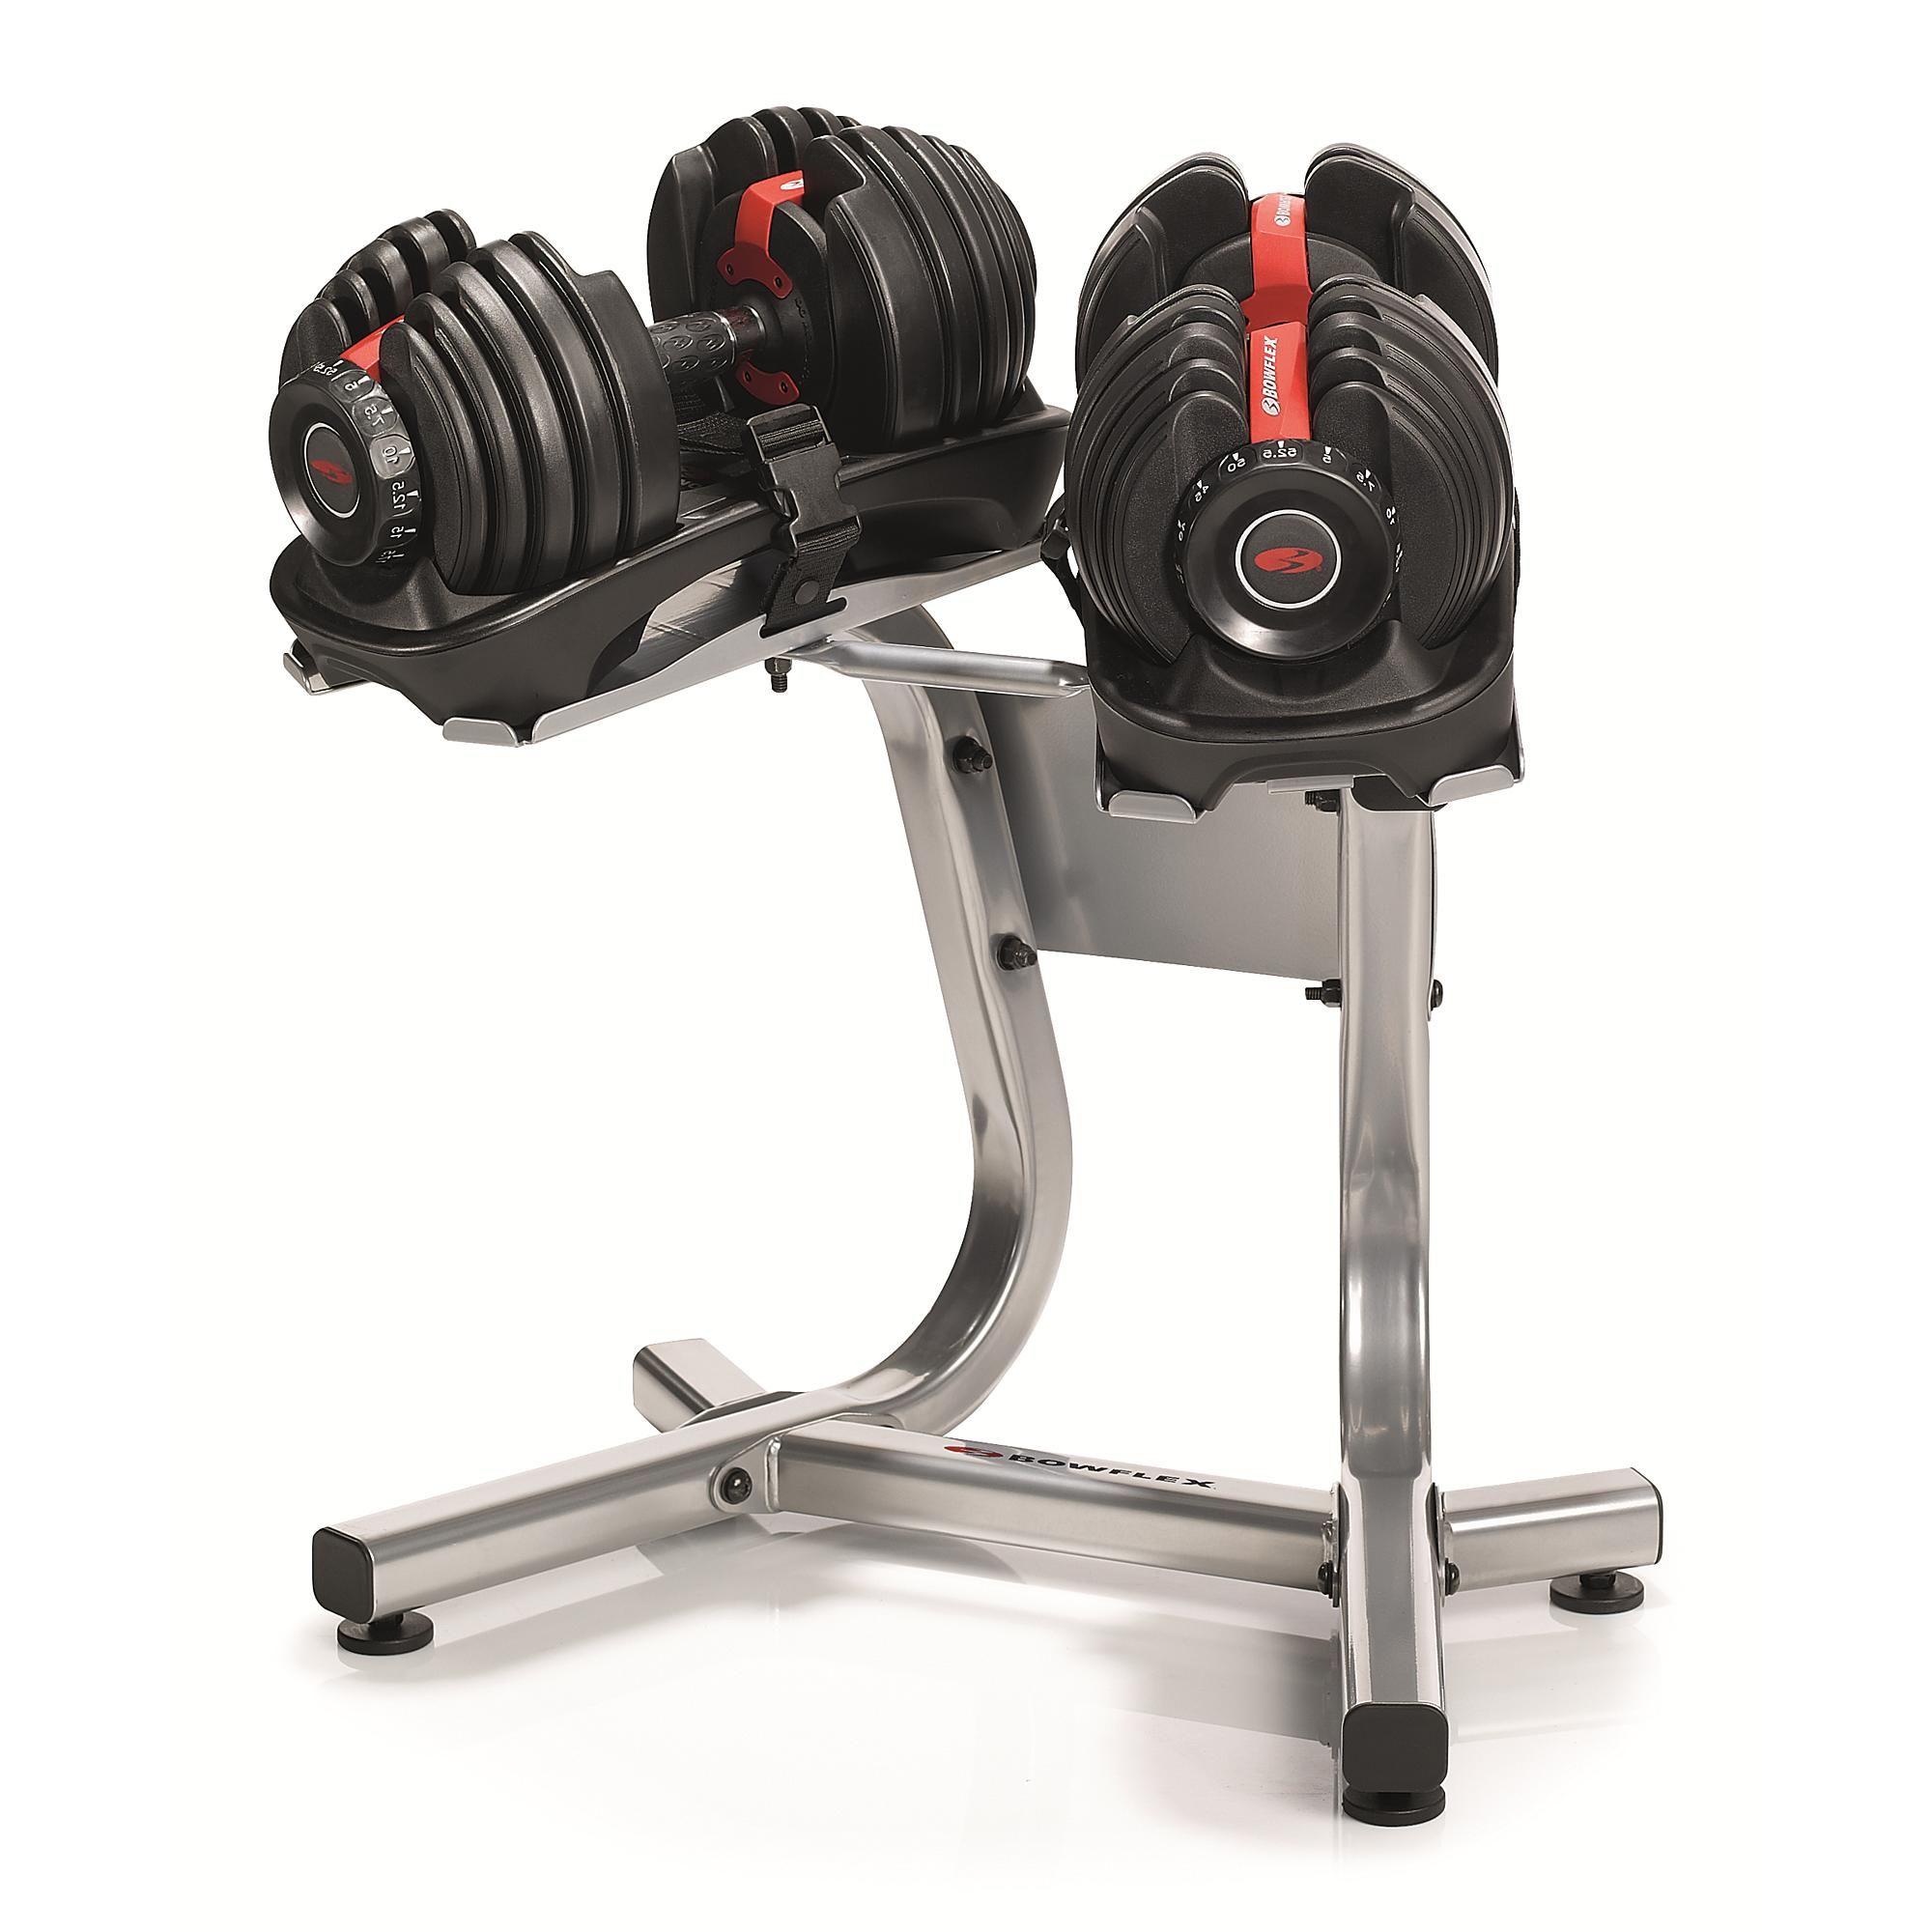 129 99 Bowflex Bowflex Dumbbells Adjustable Dumbbells